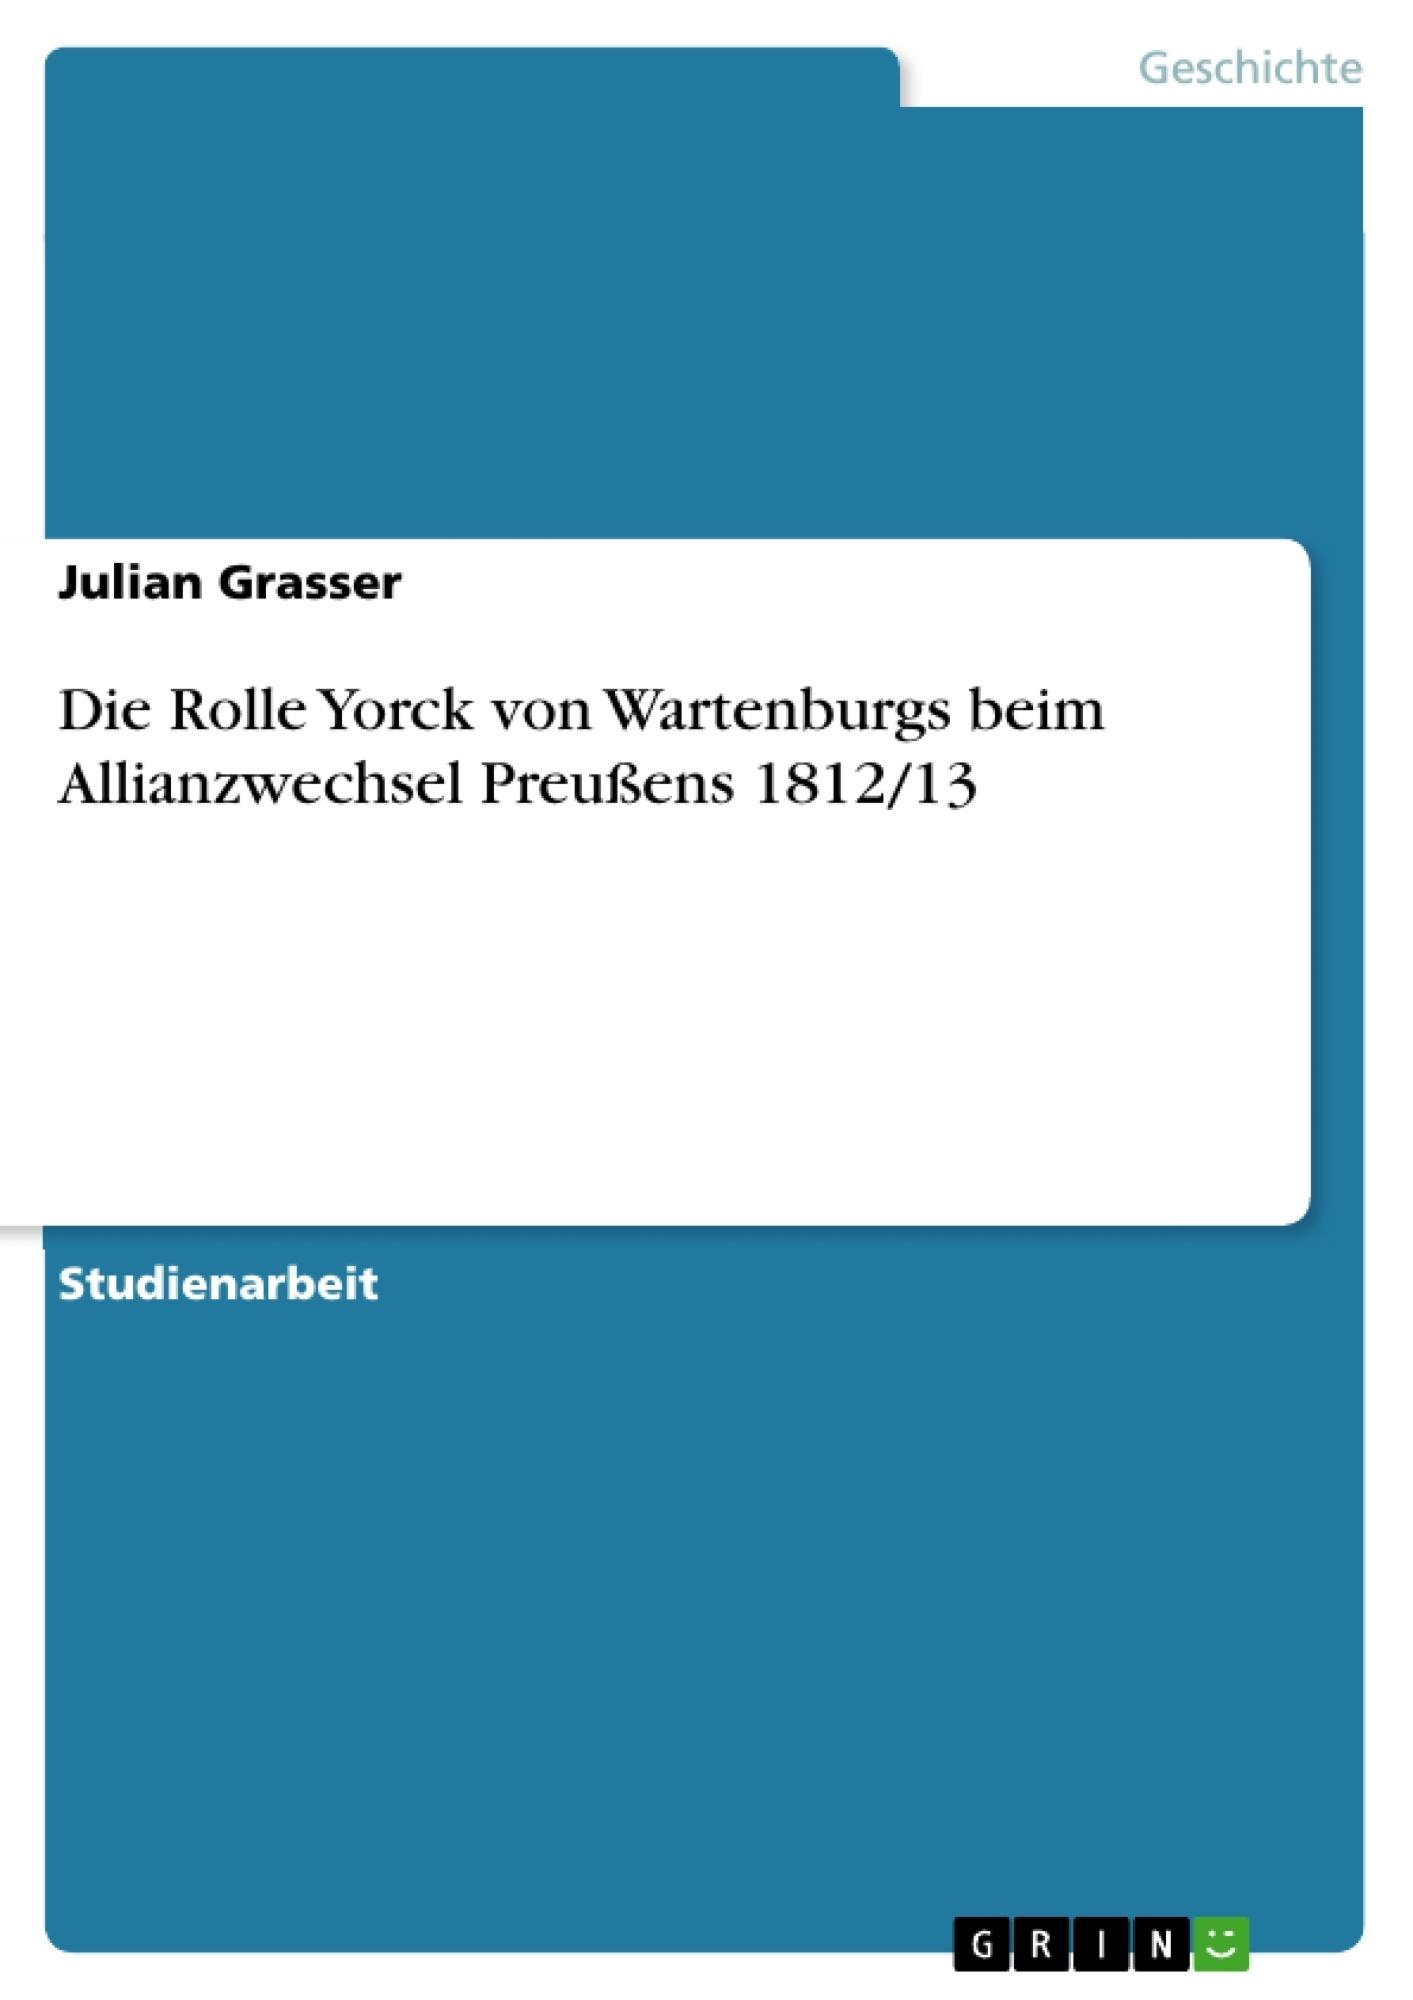 Titel: Die Rolle Yorck von Wartenburgs beim Allianzwechsel Preußens 1812/13